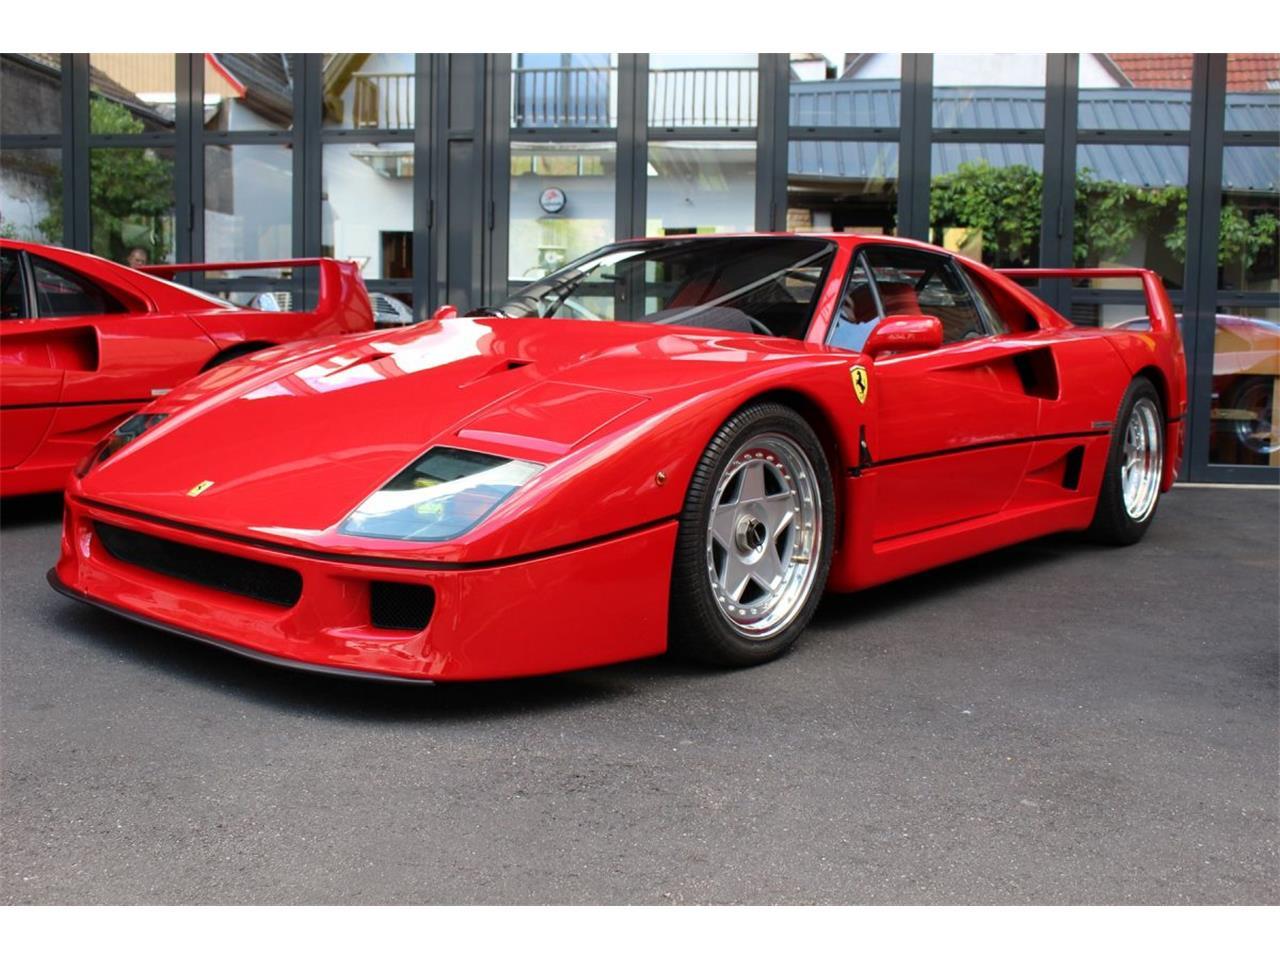 Ferrari F40 For Sale >> For Sale 1991 Ferrari F40 In Besancon Franche Comte